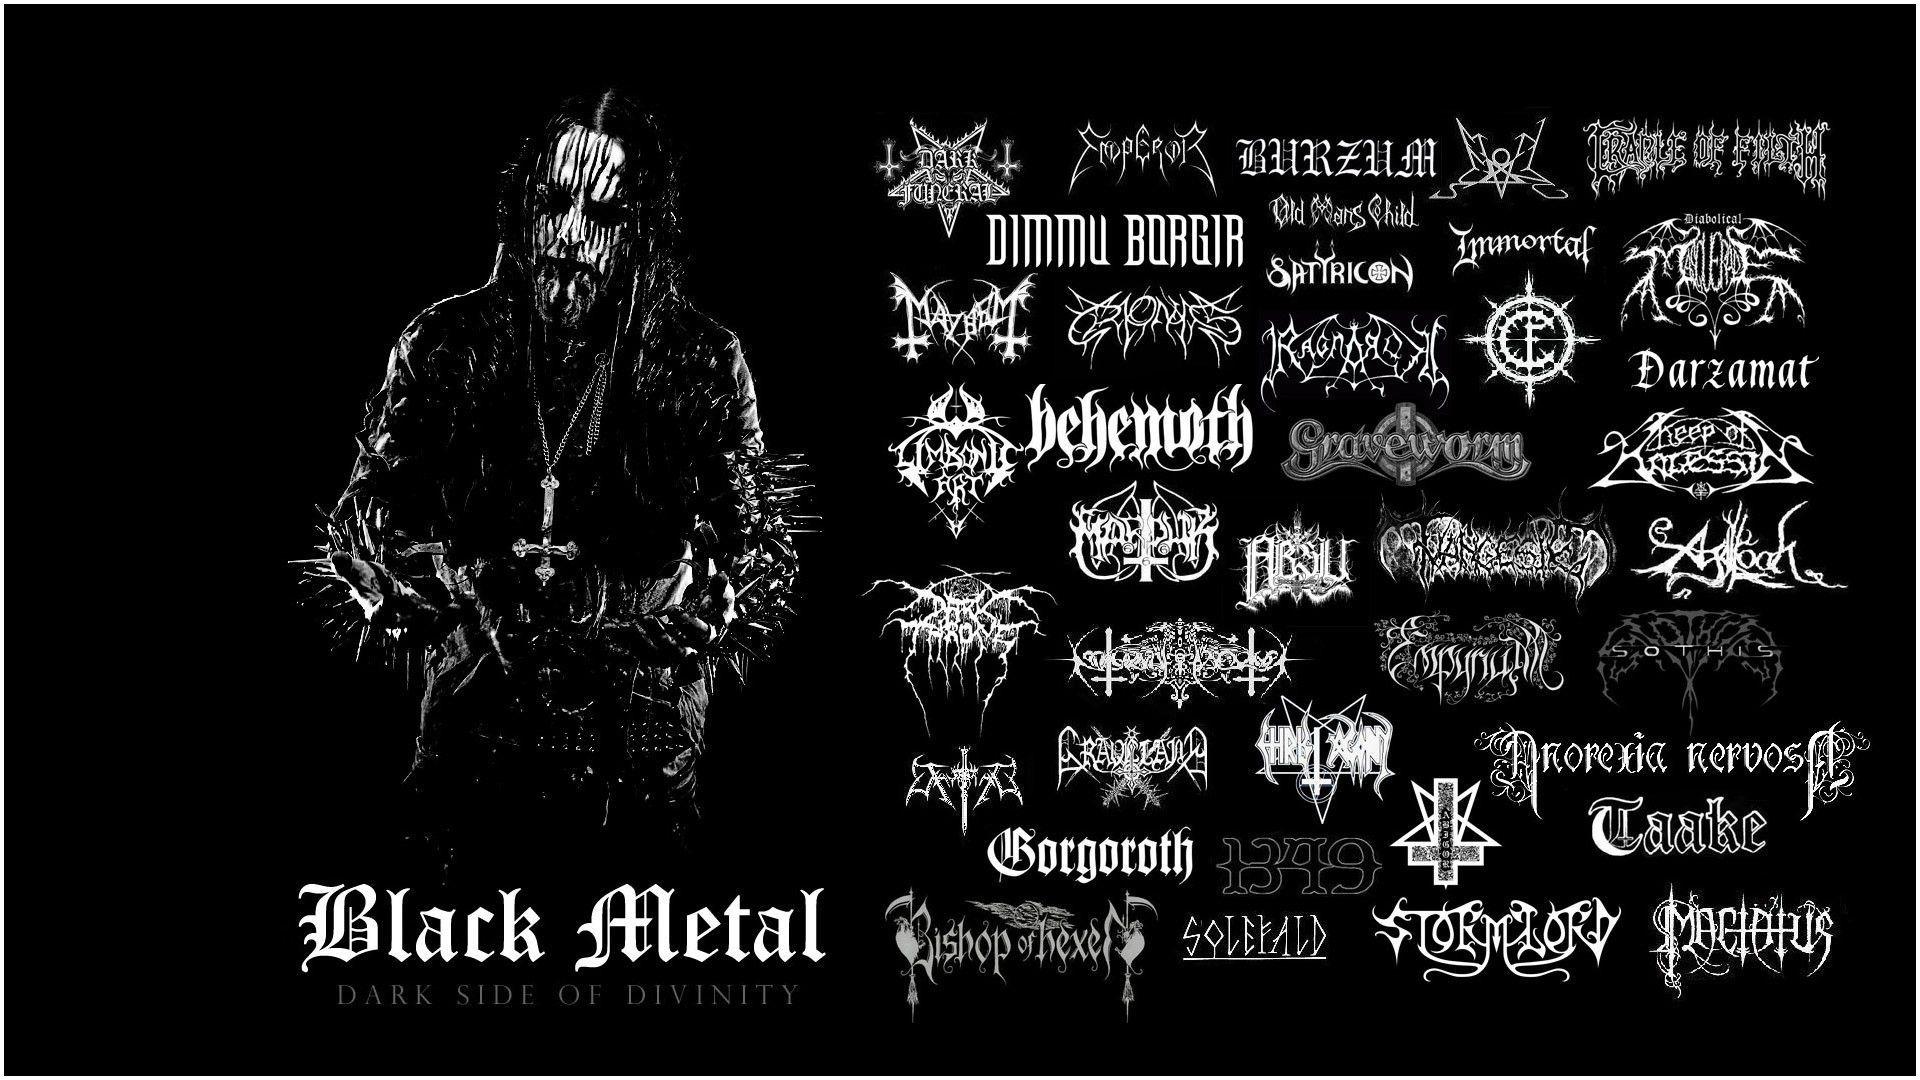 Black-metal-wallpaper-wp3603423